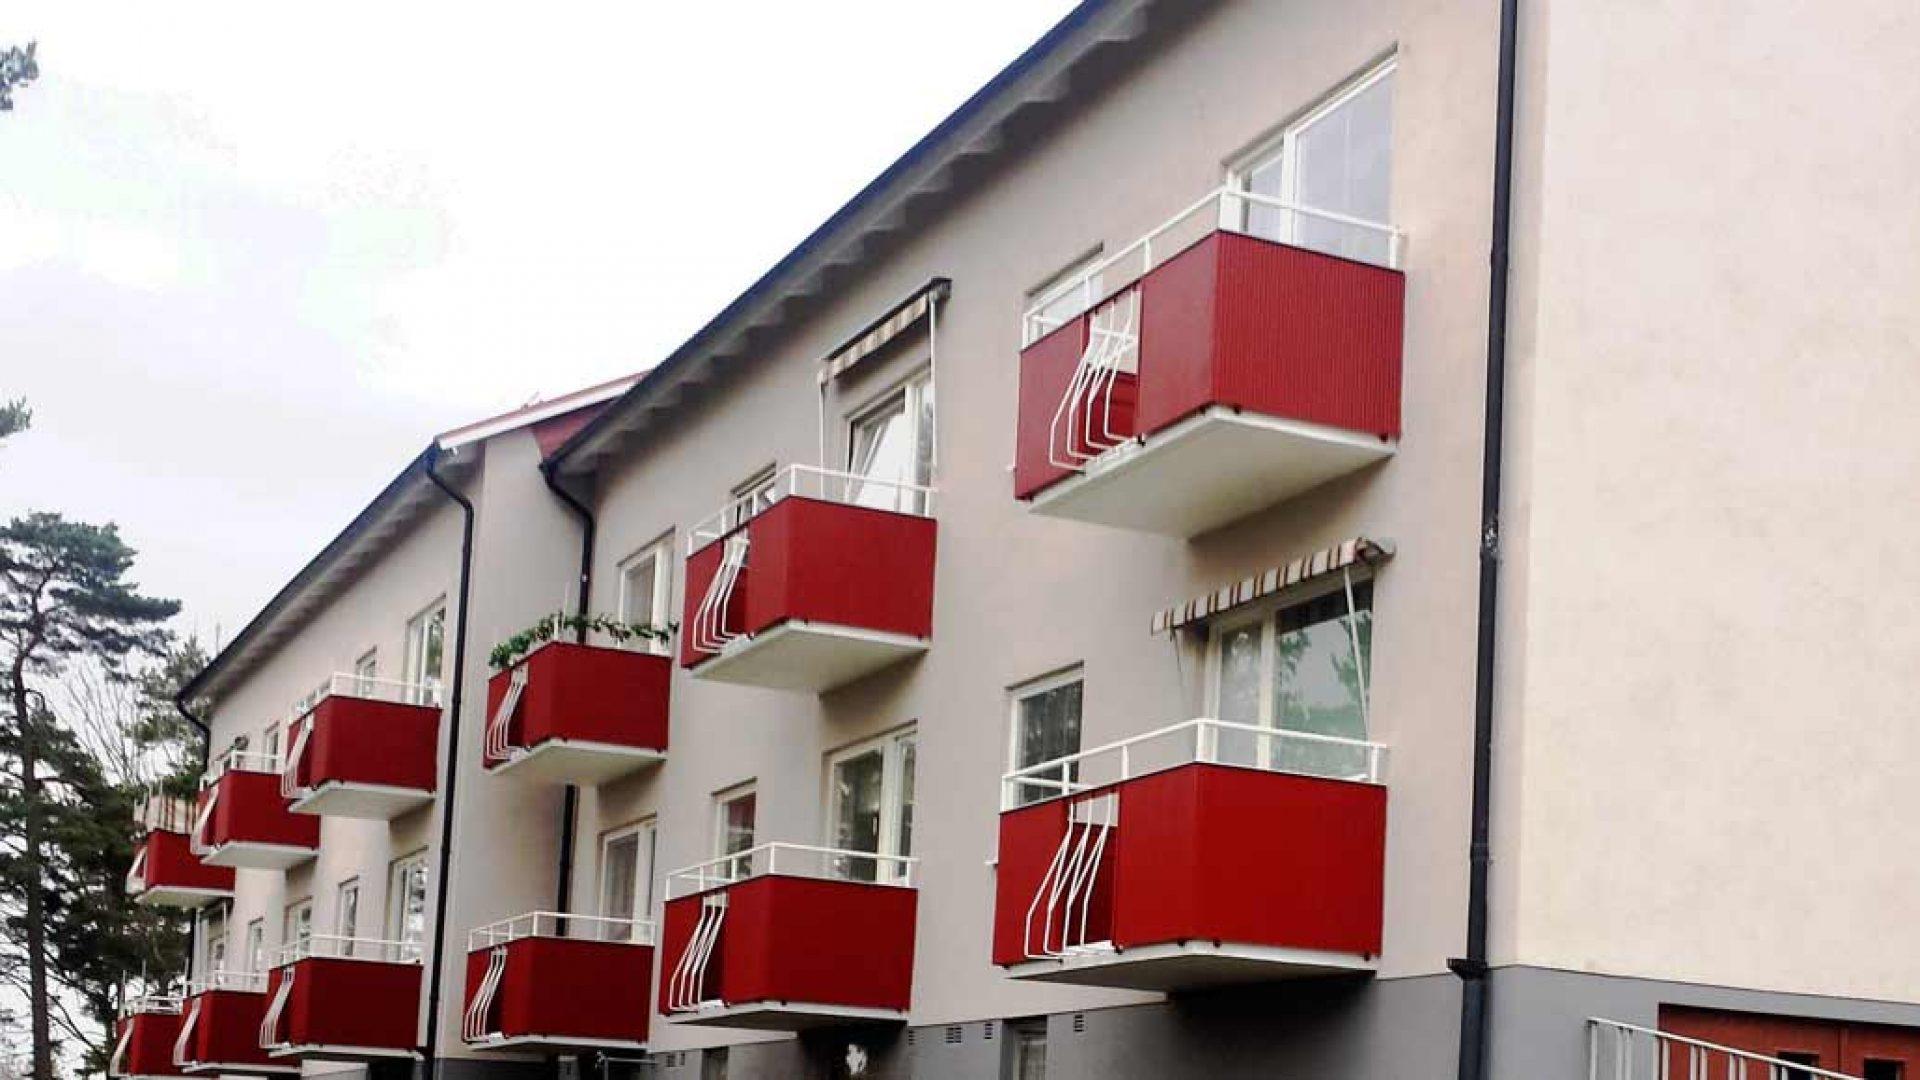 Blekinge fasad AB